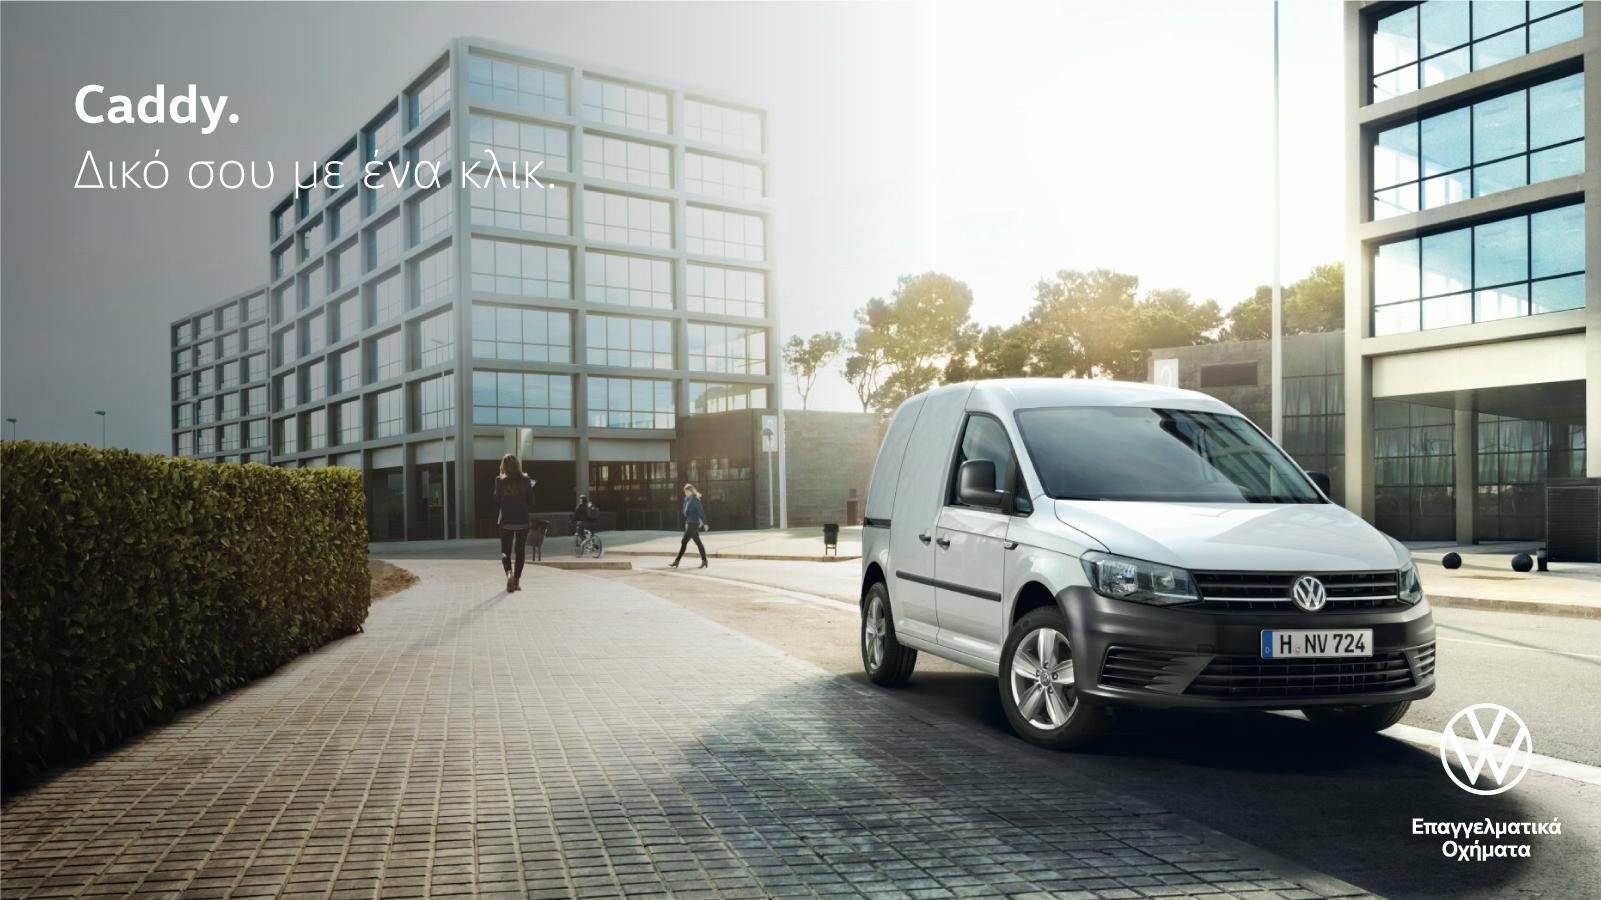 Mycarnow Kosmocar - Volkswagen Caddy δικό σου με ένα κλικ